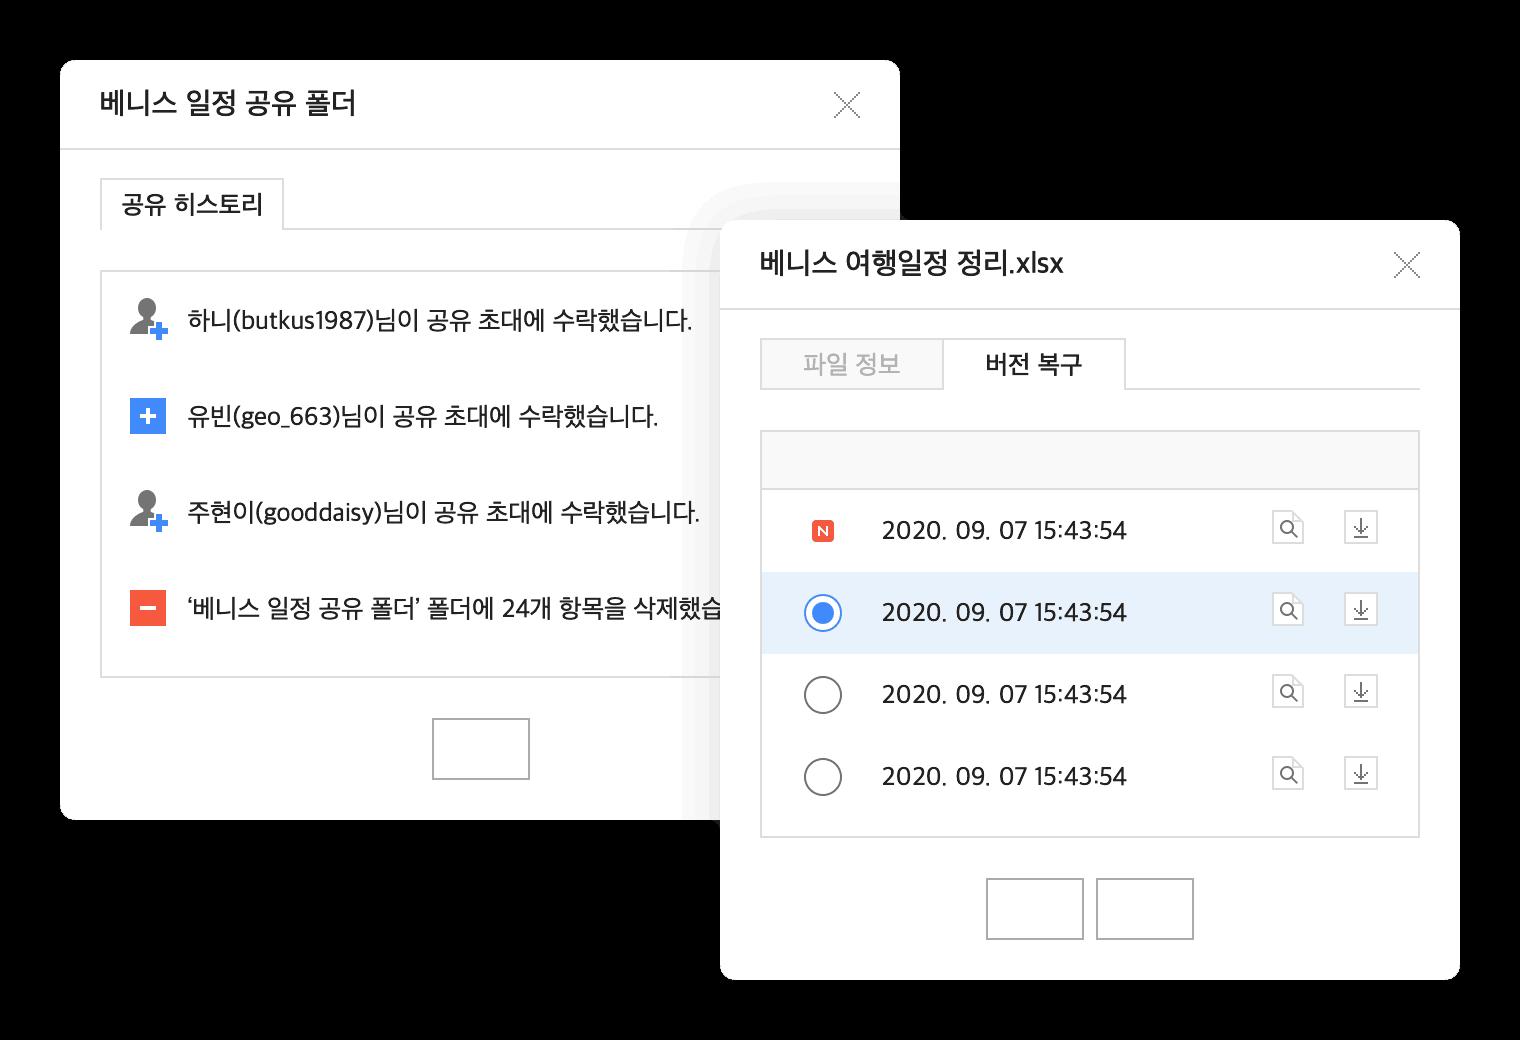 네이버 마이박스_최근 본 문서 및 업데이트